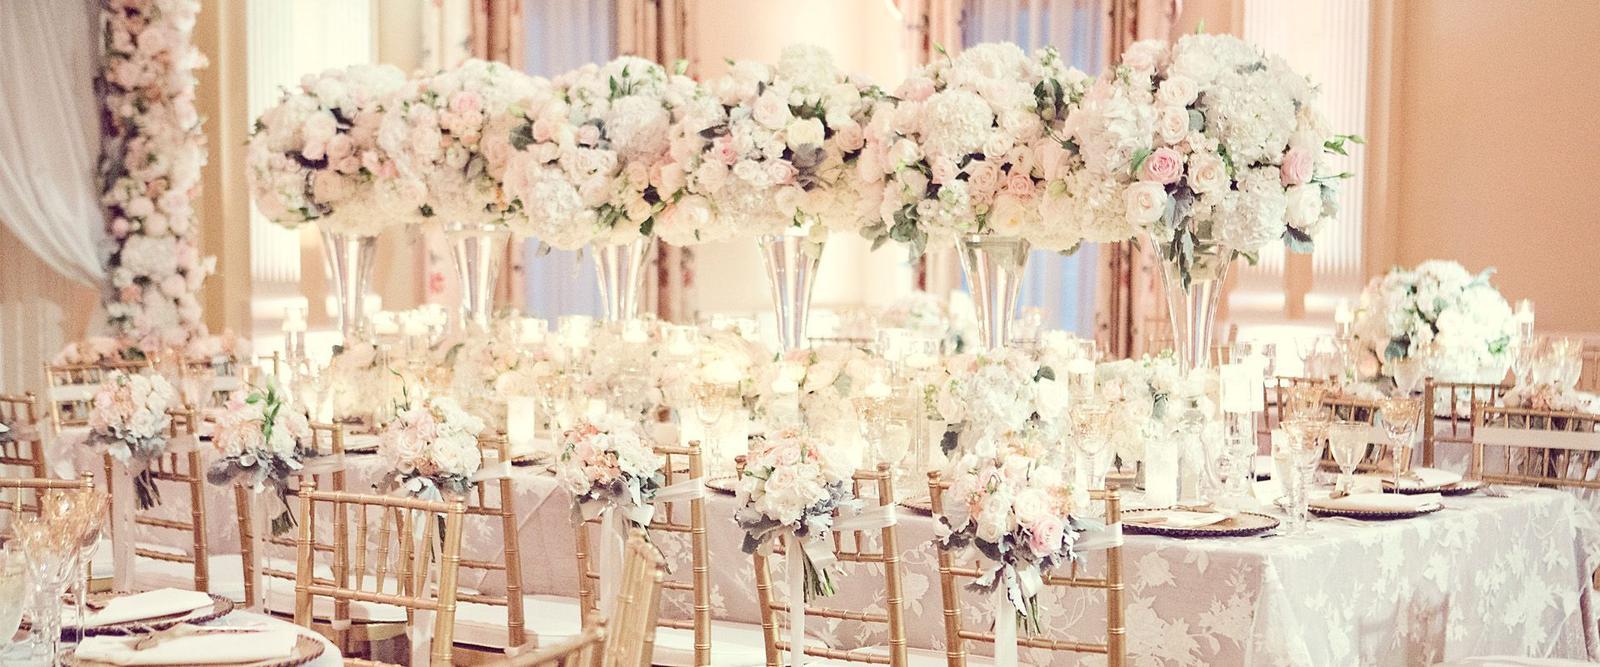 Luxury wedding - Obrázok č. 61